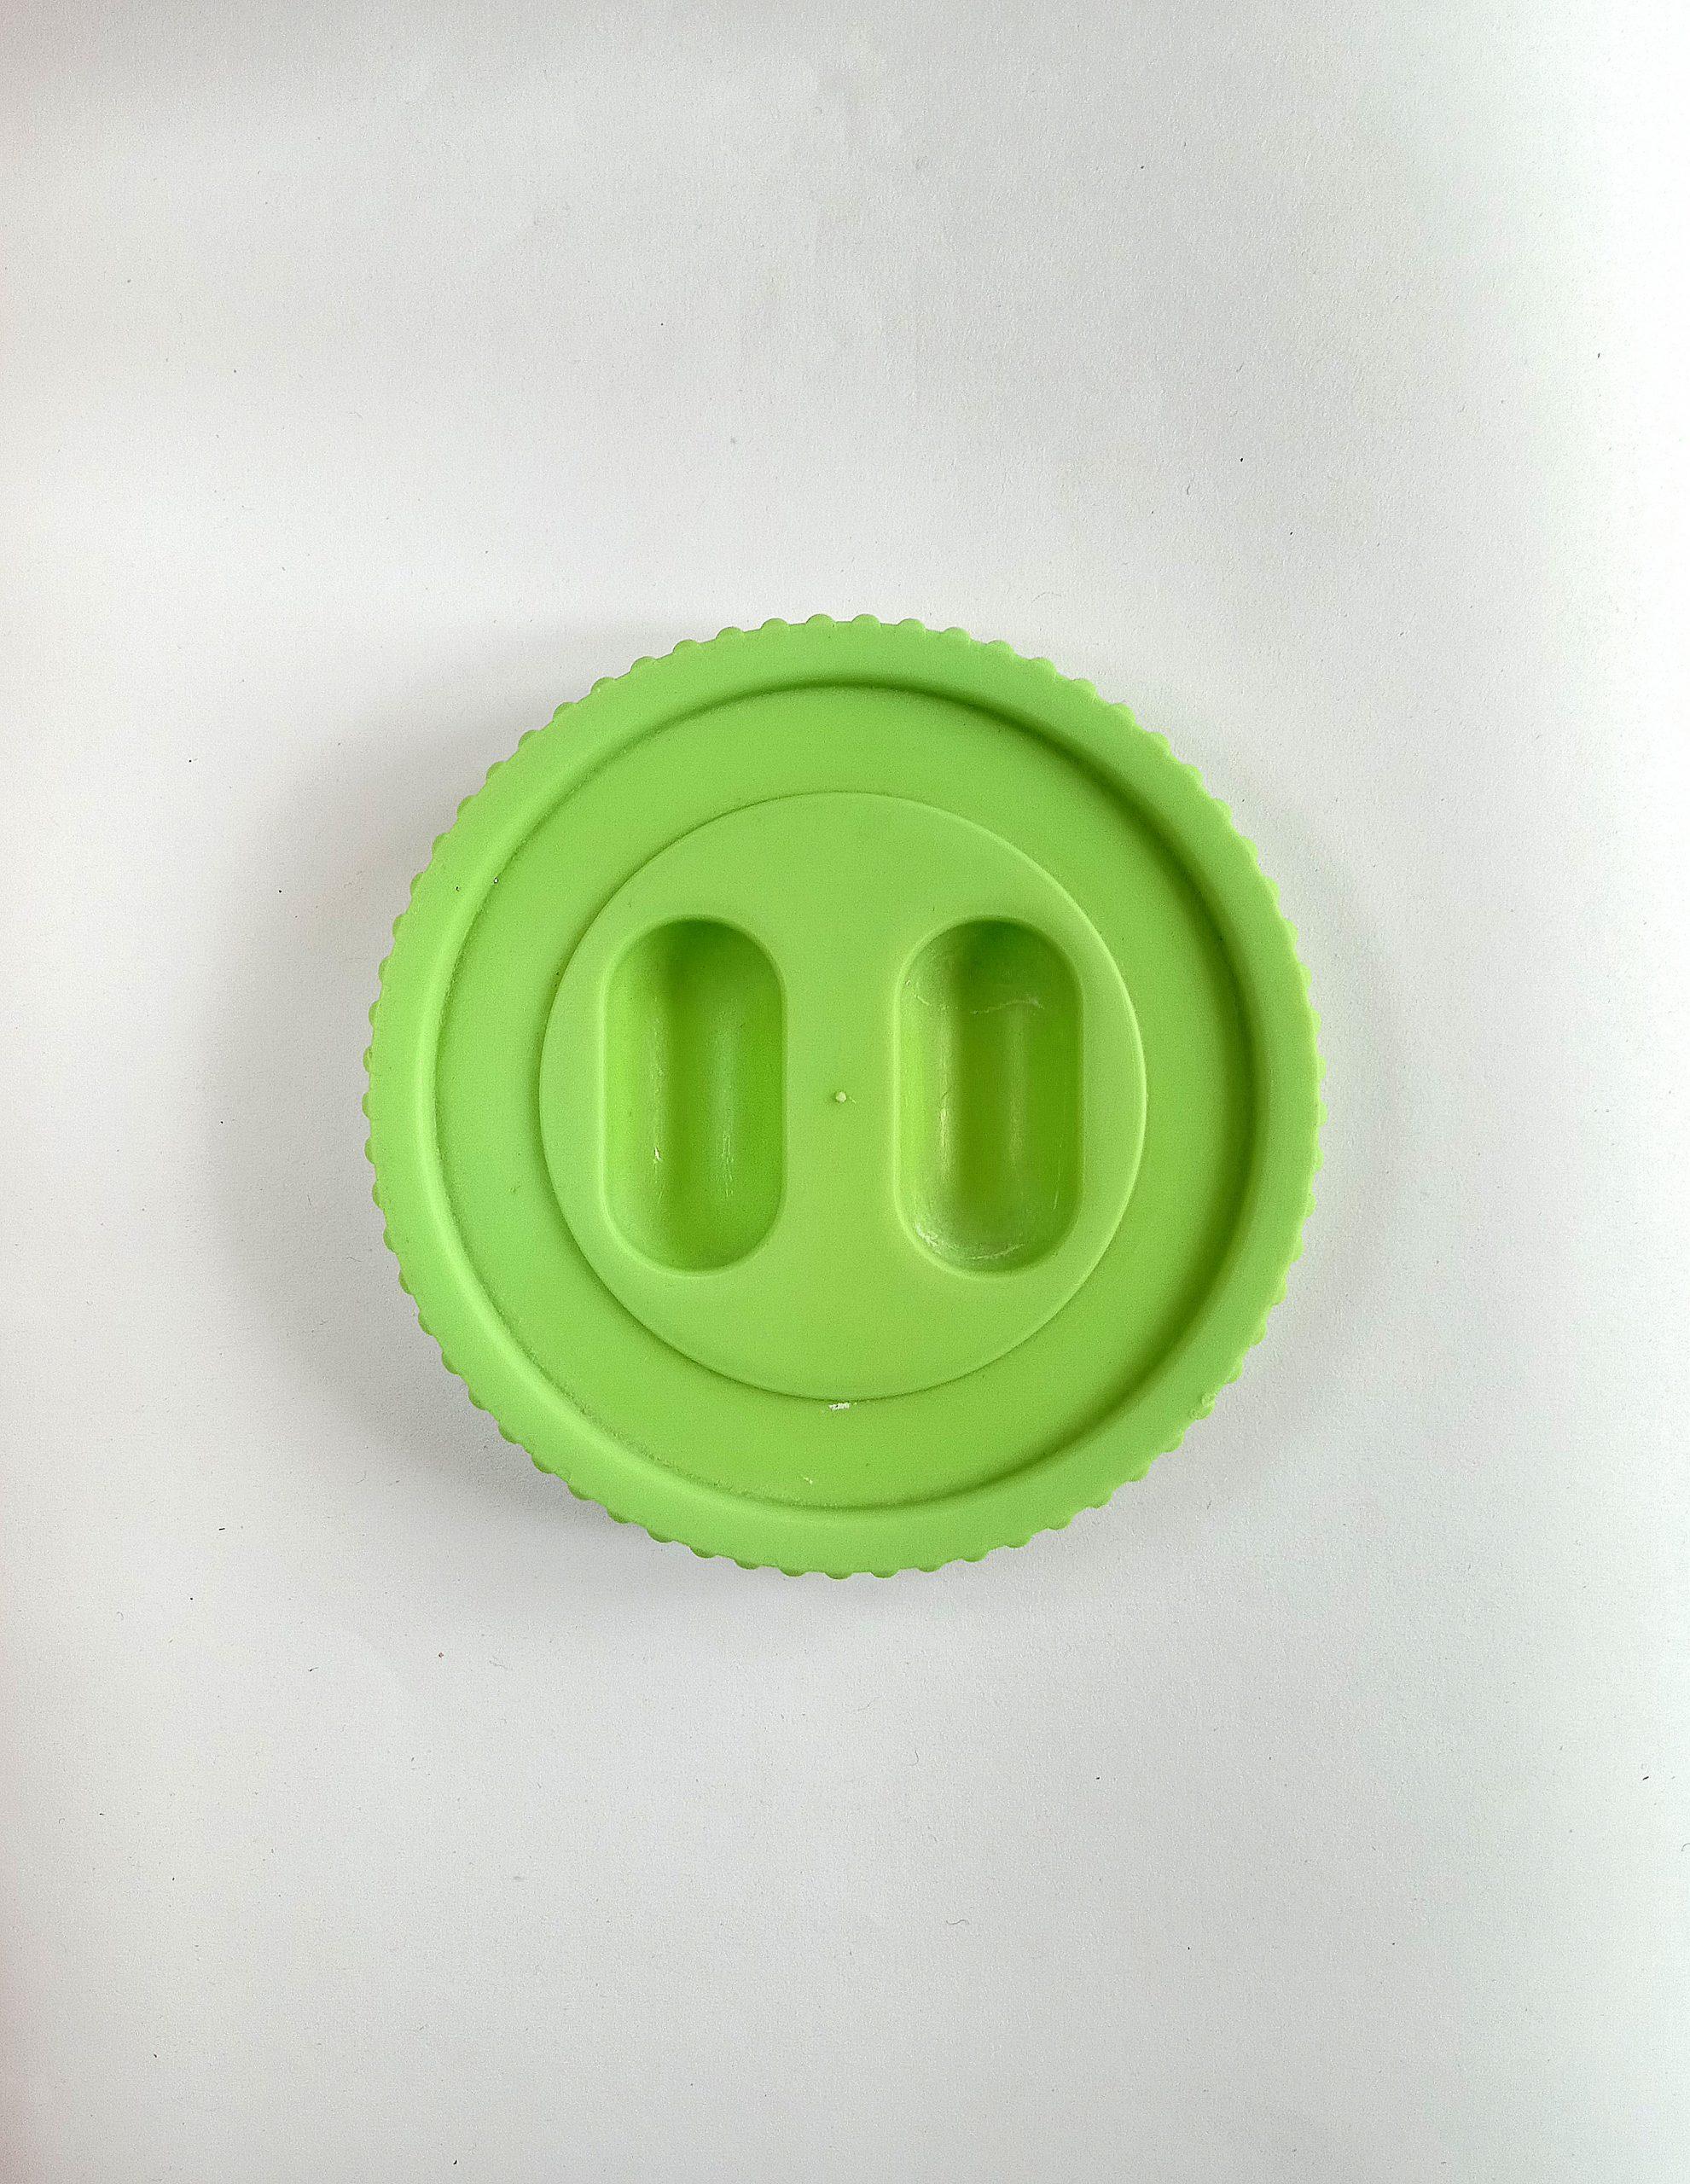 Cap to a plastic box